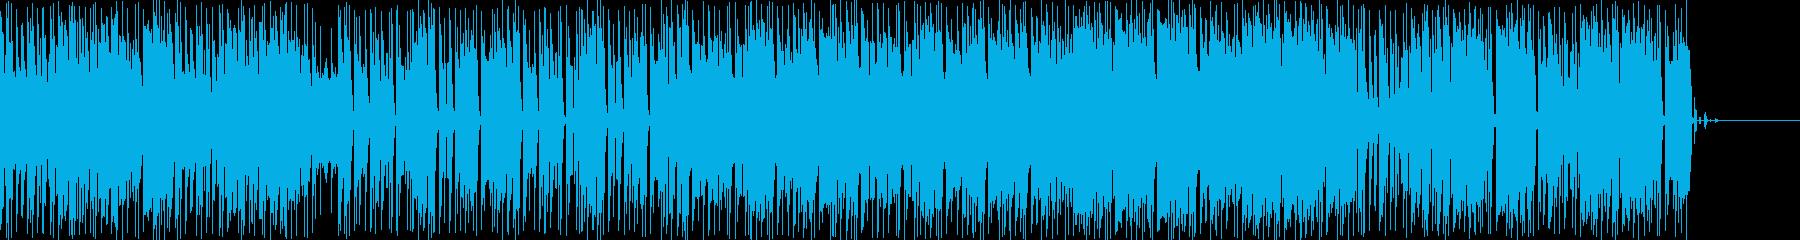 ラウンジ まったり トラップ ヒッ...の再生済みの波形